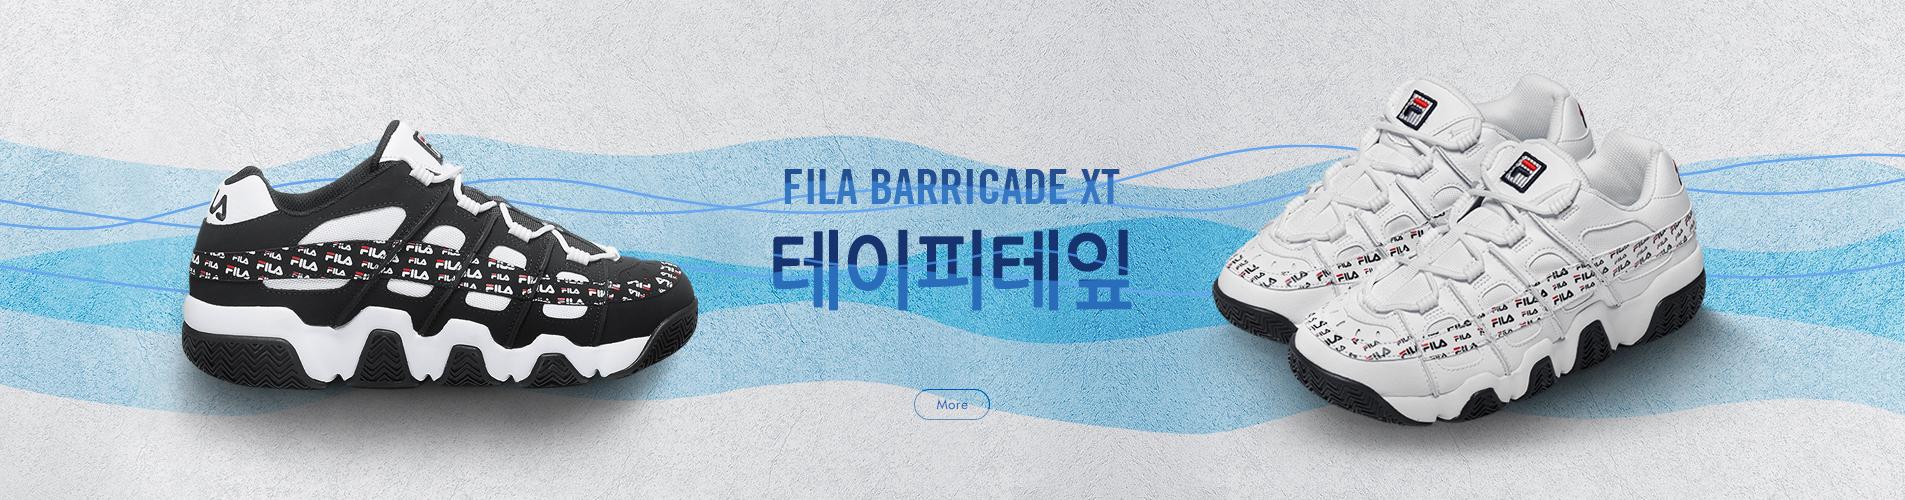 FILA BARRICADE XT 테이피테잎출시!